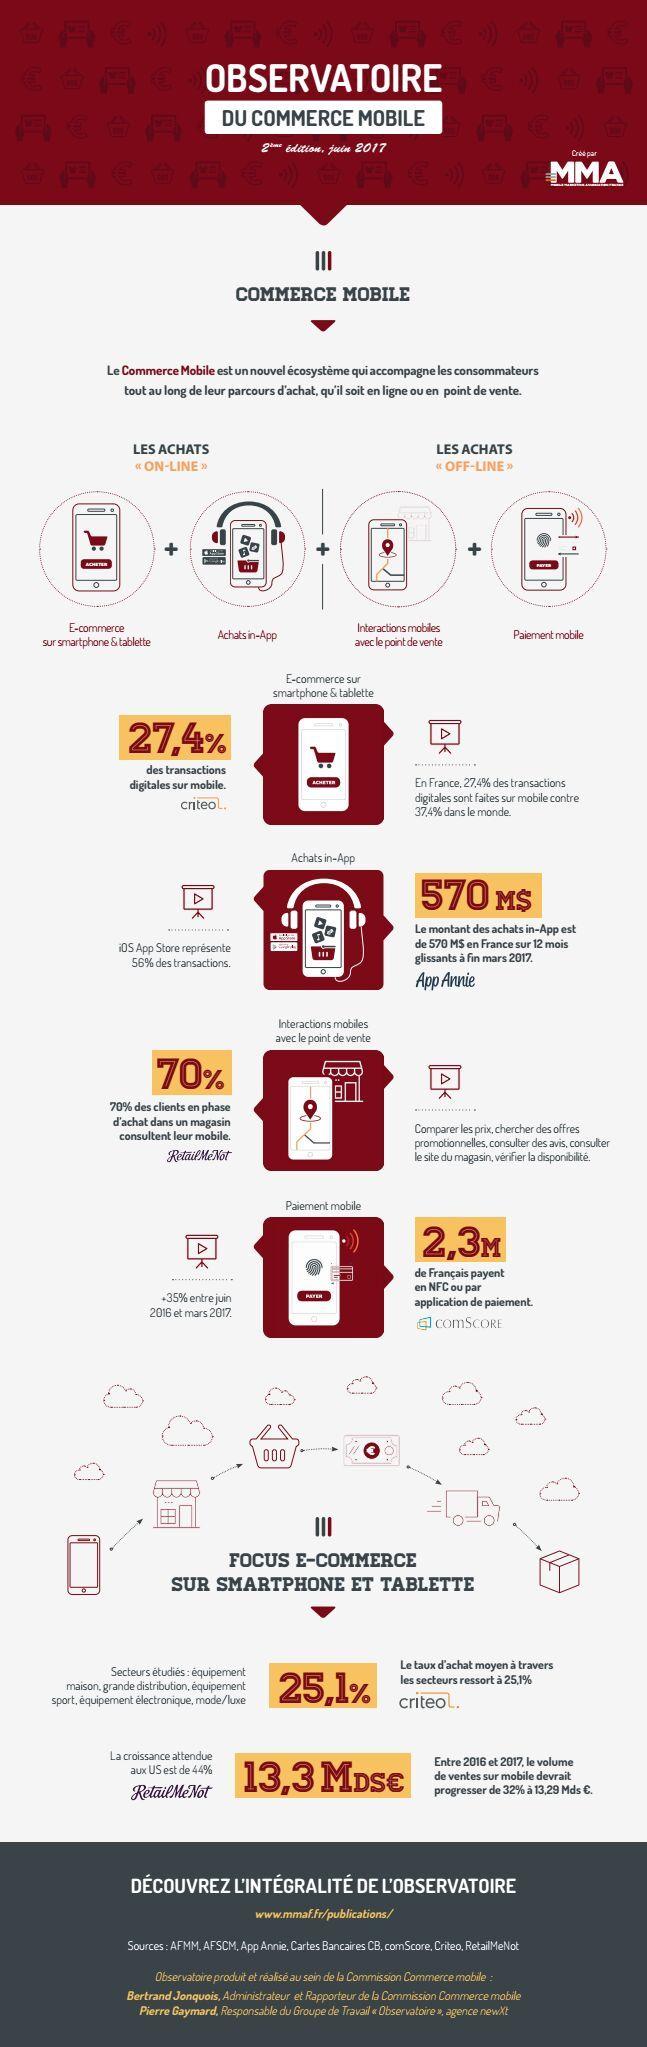 infographie-m-commerce-06-17.jpg